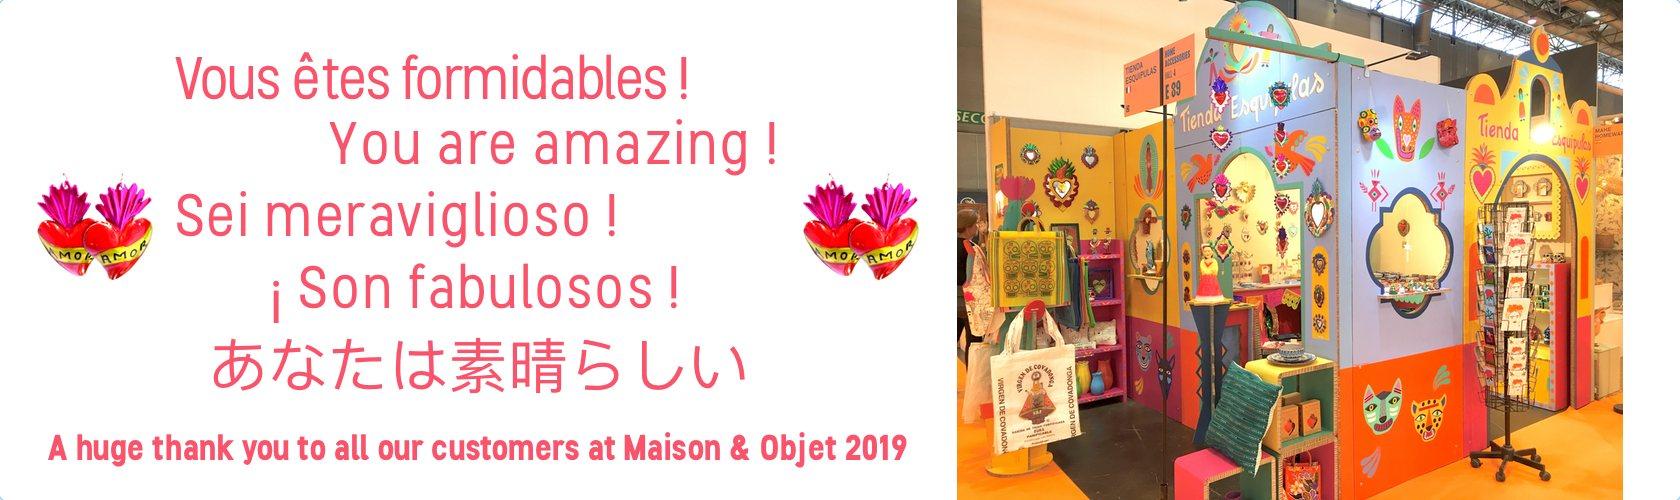 Remerciement Tienda Esquipulas Maison et Objet 09 2019